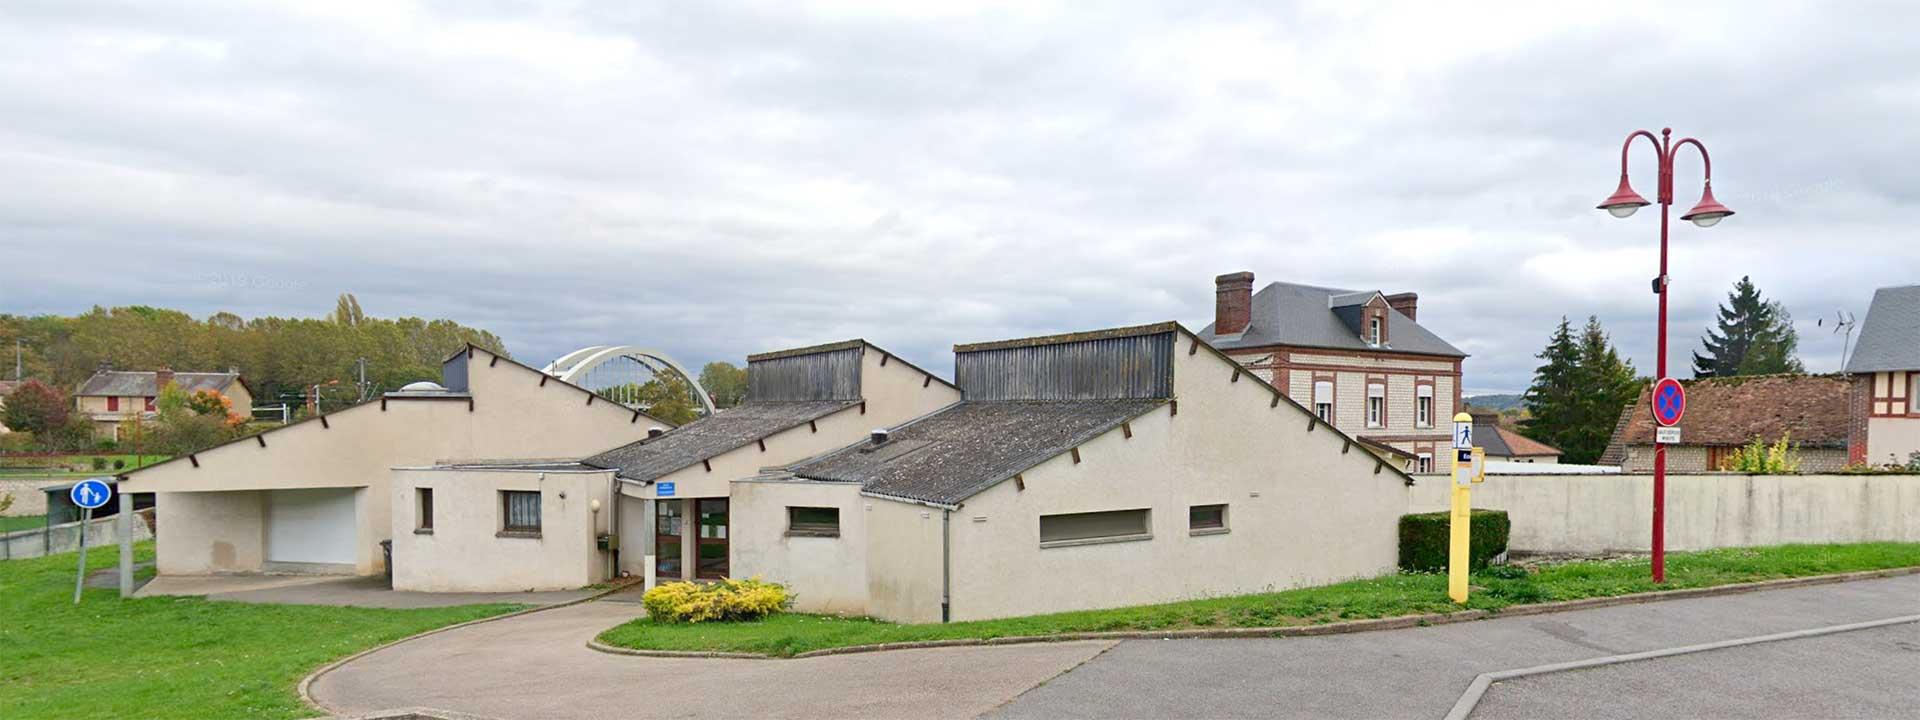 École maternelle Jean Recher à Saint-Pierre du Vauvray